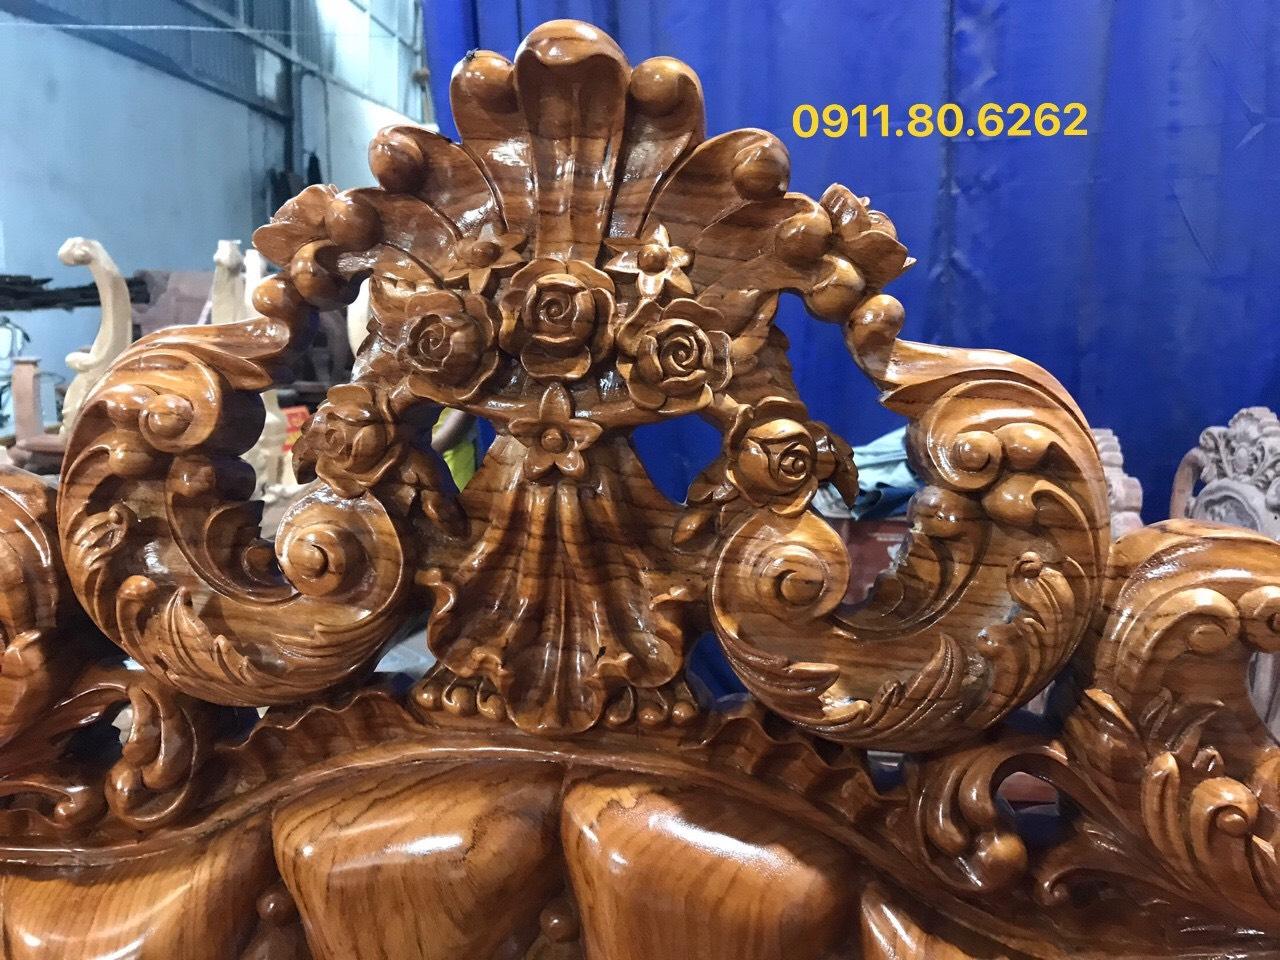 Sofa louis hoang gia 32 - Sofa Louis Hoàng Gia MS: 64